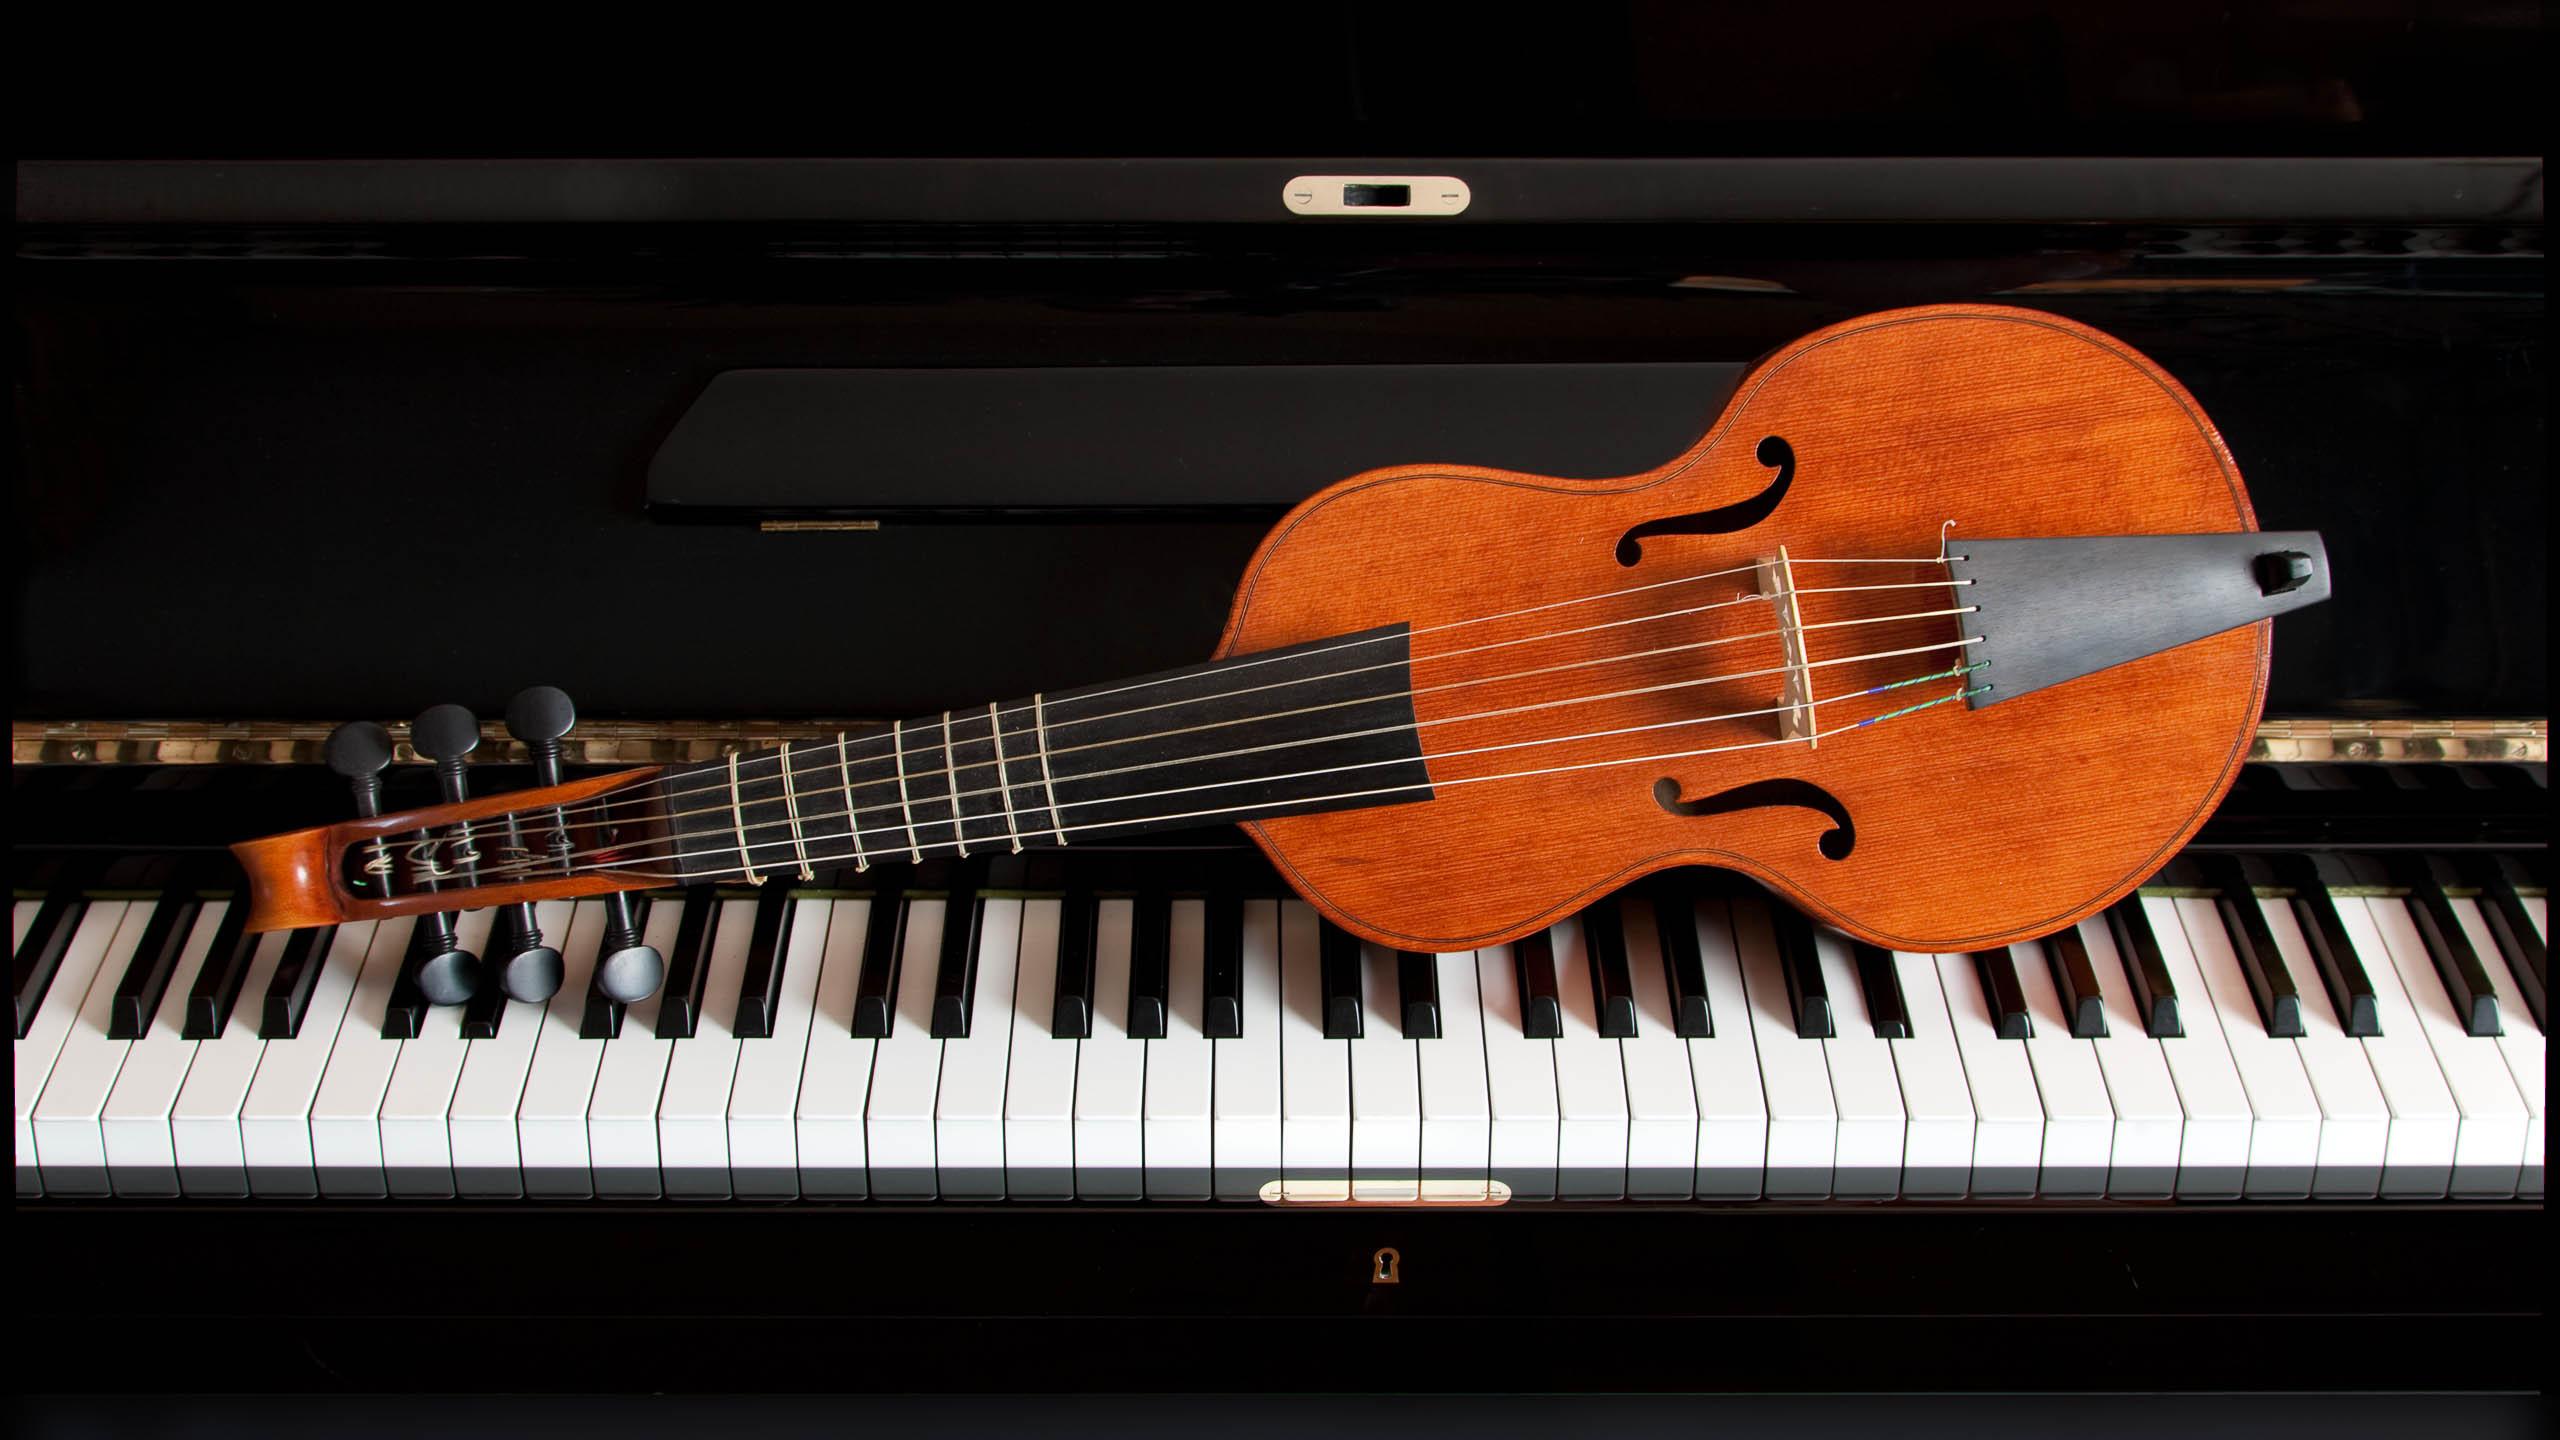 Productfoto van strijkinstrument op piano gefotografeerd door Robert Zwart productfotograaf